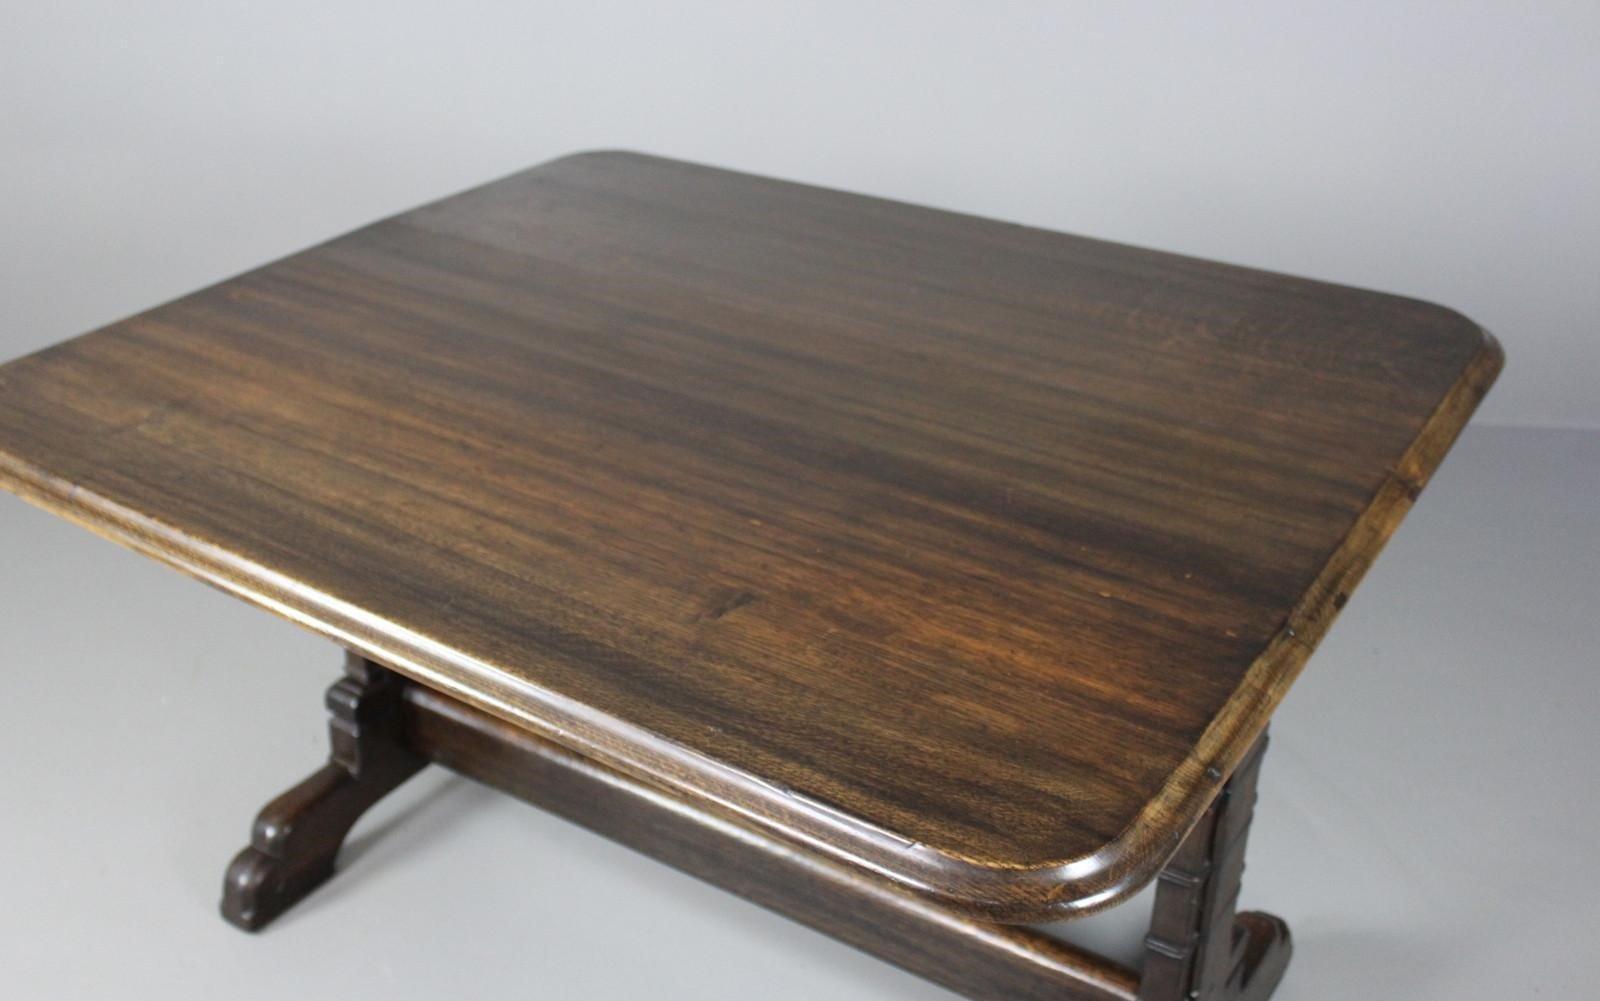 Viktorianischer eichenholz esstisch im gotischen stil bei for Eichenholz esstisch